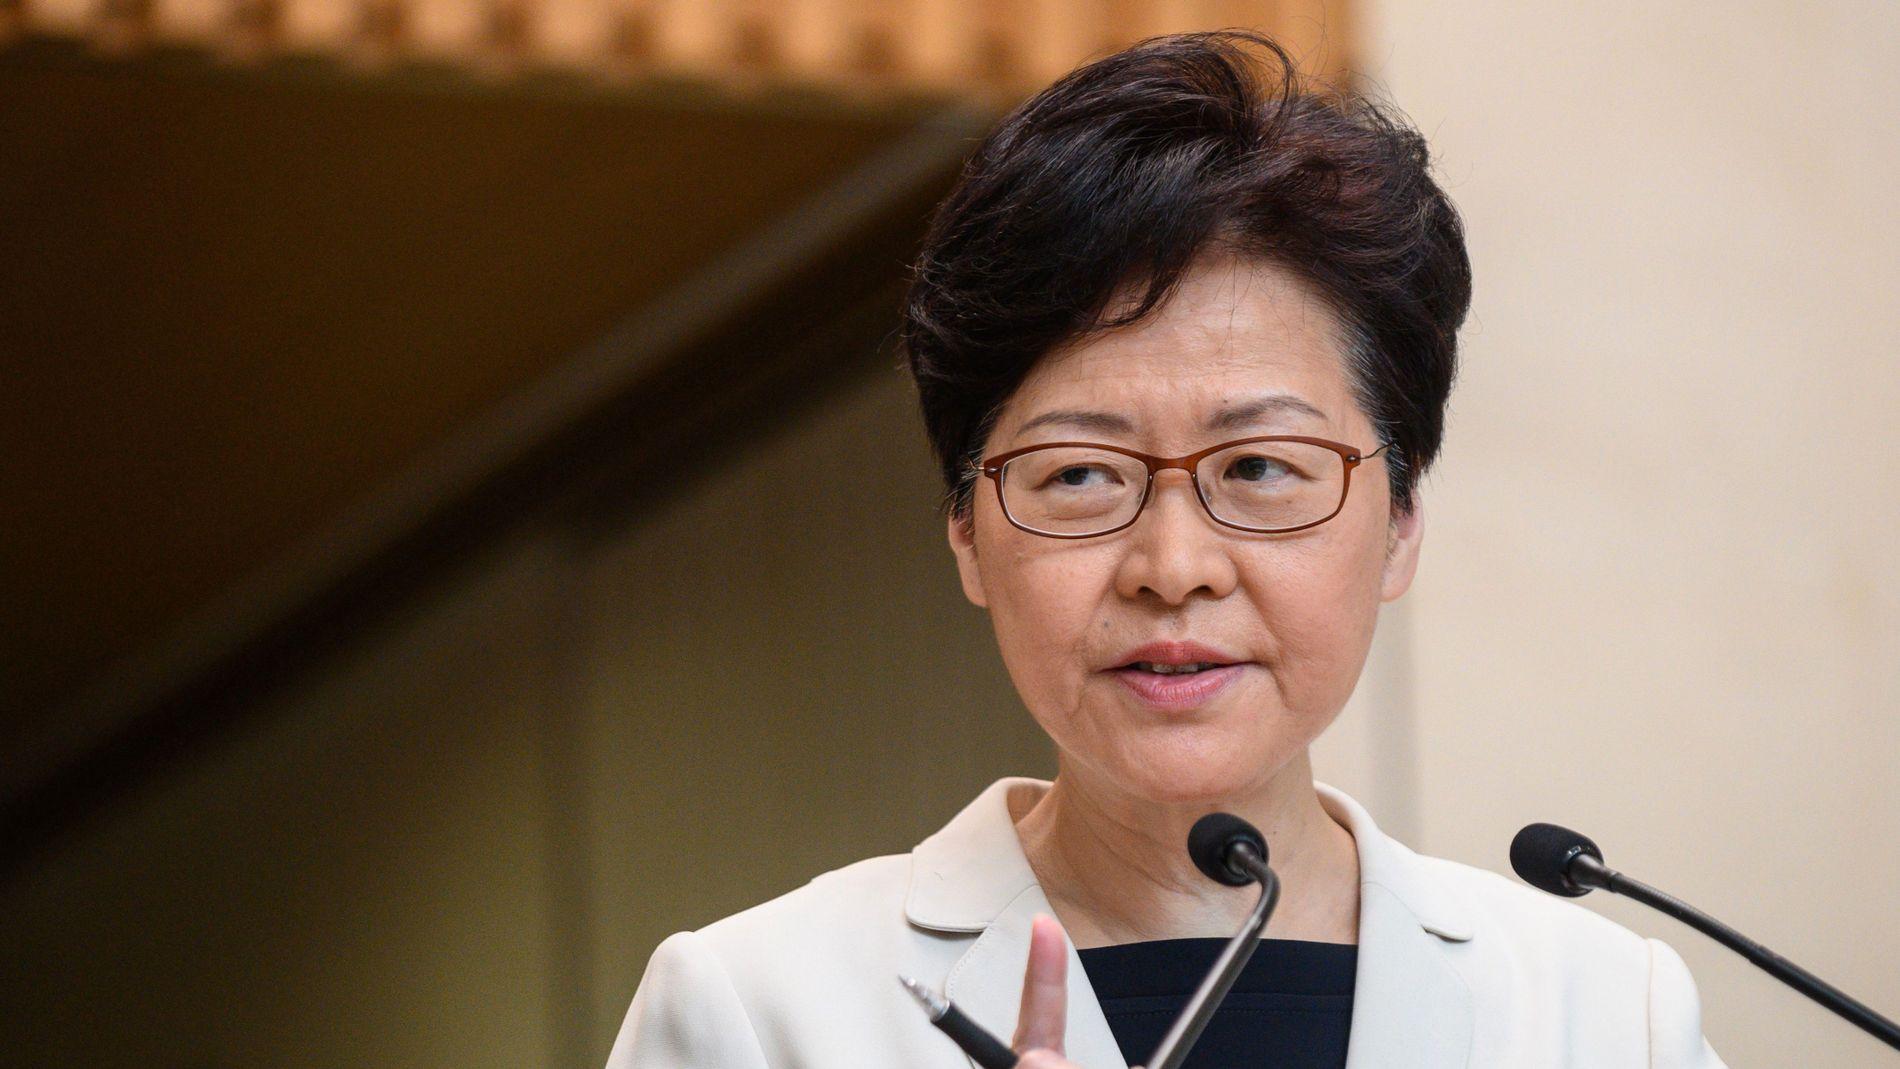 SNUR: Hongkongs leder Carrie Lam har vært i hardt vær de siste månedene, etter et omstridt lovforslag om å utlevere borgere til Kina. Nå skal hun ha valgt å trekke forslaget permanent. Her fra en pressekonferanse i slutten av august.